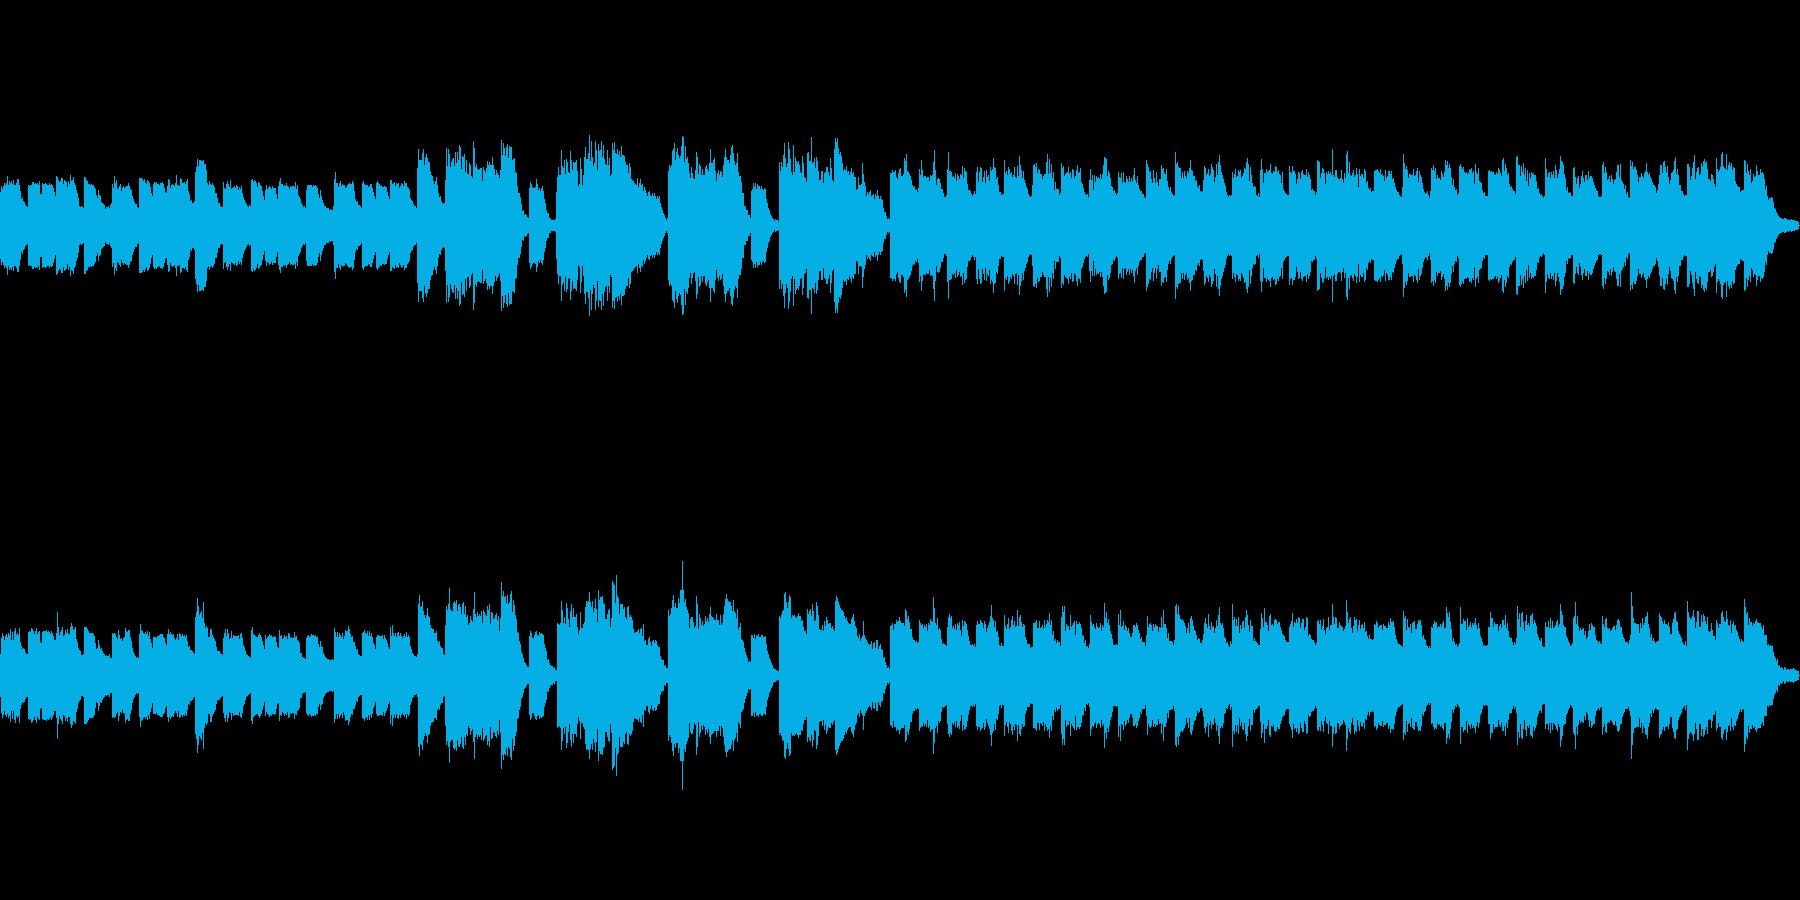 かわいい楽しいほのぼのファミコン風な曲の再生済みの波形